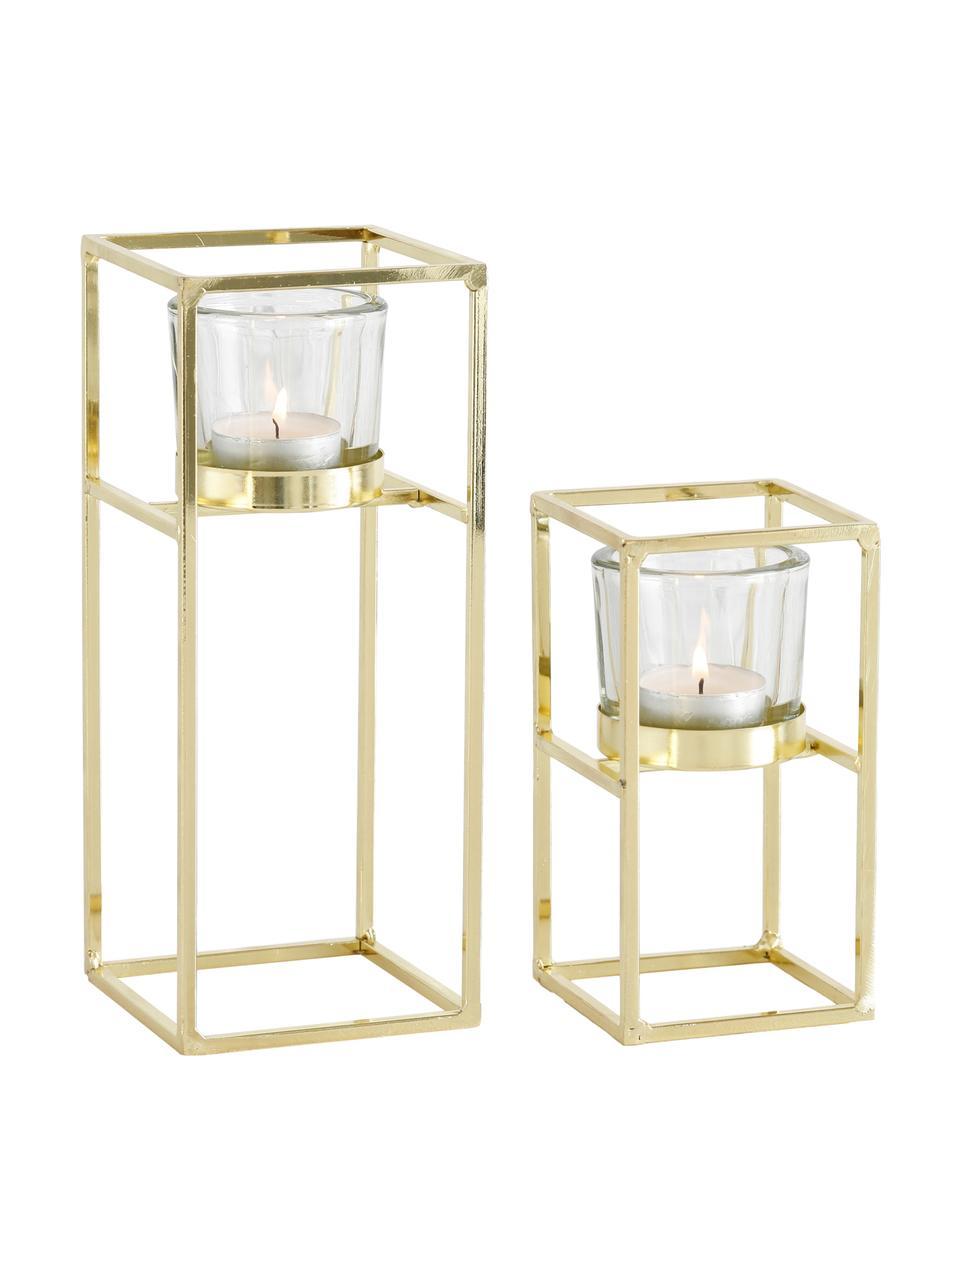 Teelichthalter-Set Tonia, 2-tlg., Windlicht: Glas, Gestell: Metall, beschichtet, Transparent, Messingfarben, Sondergrößen